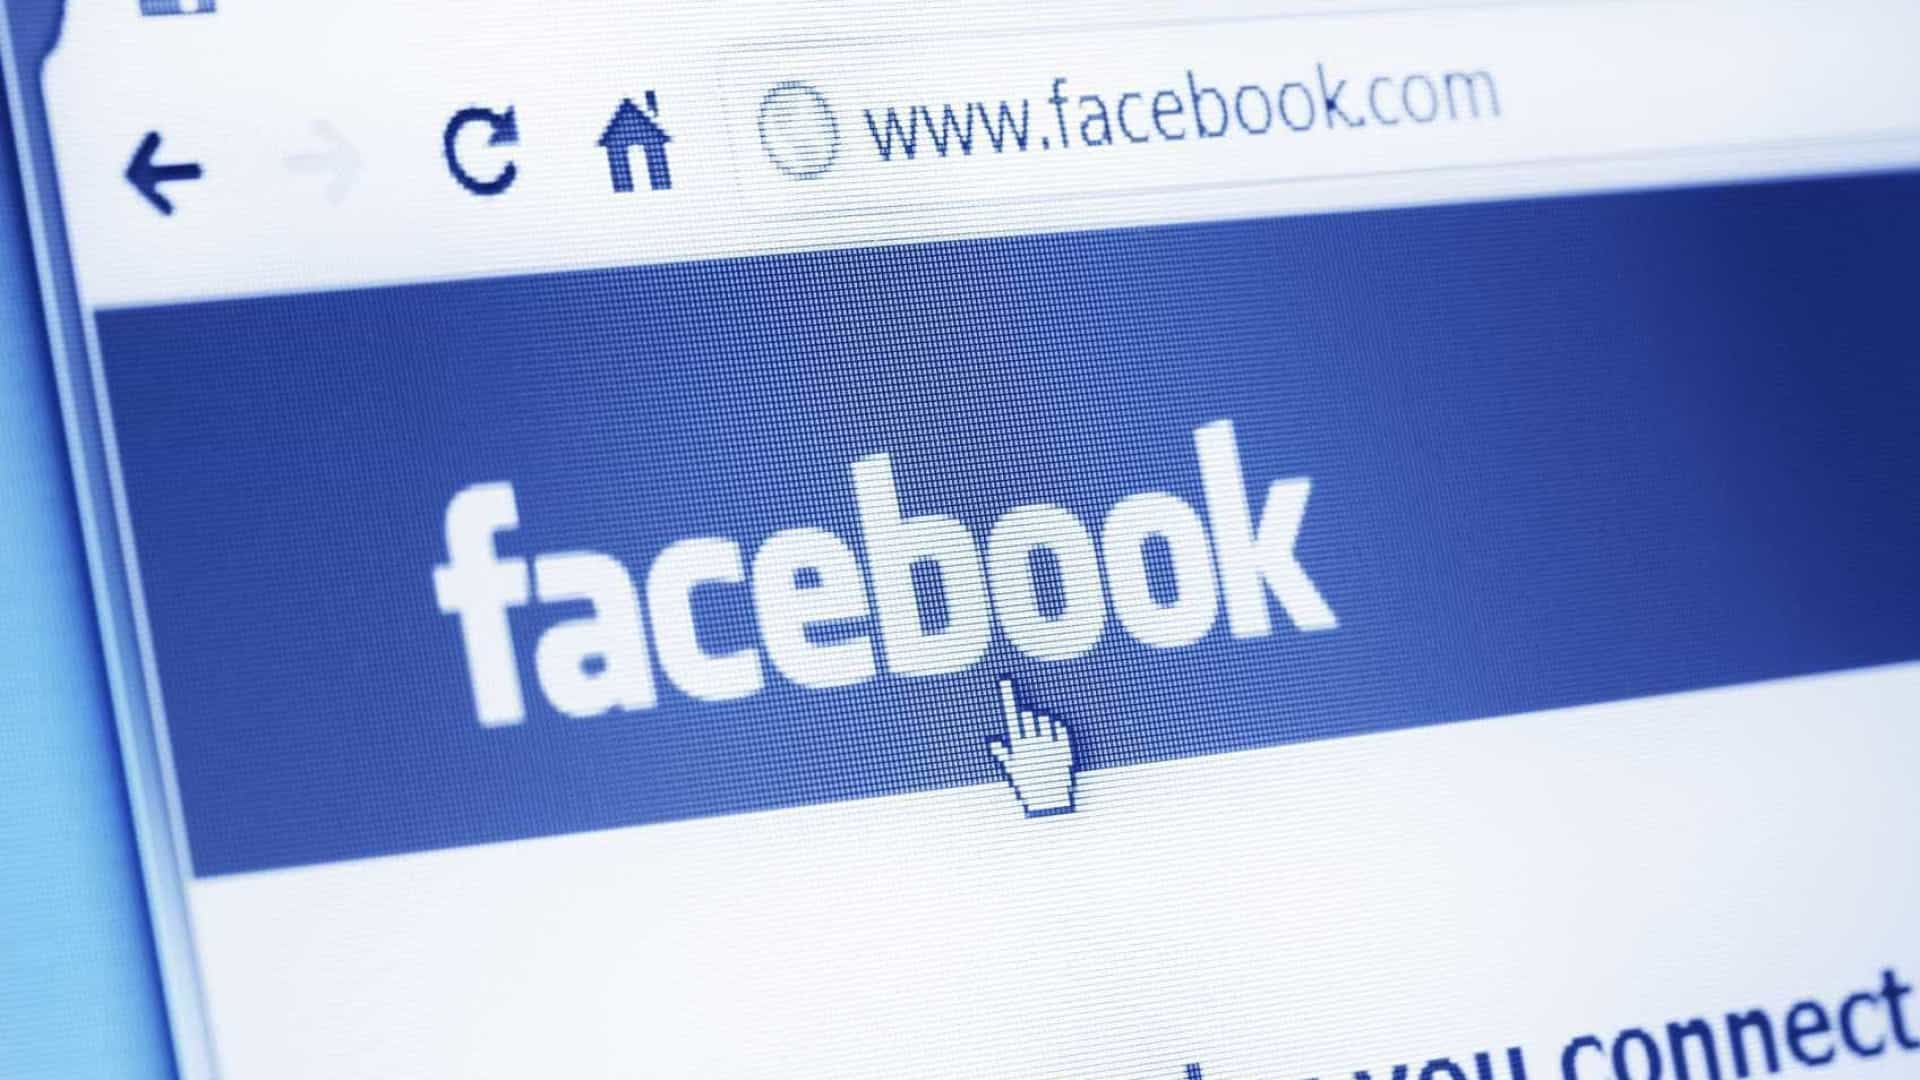 Facebook multado por falhar na privacidade, diz deputado britânico